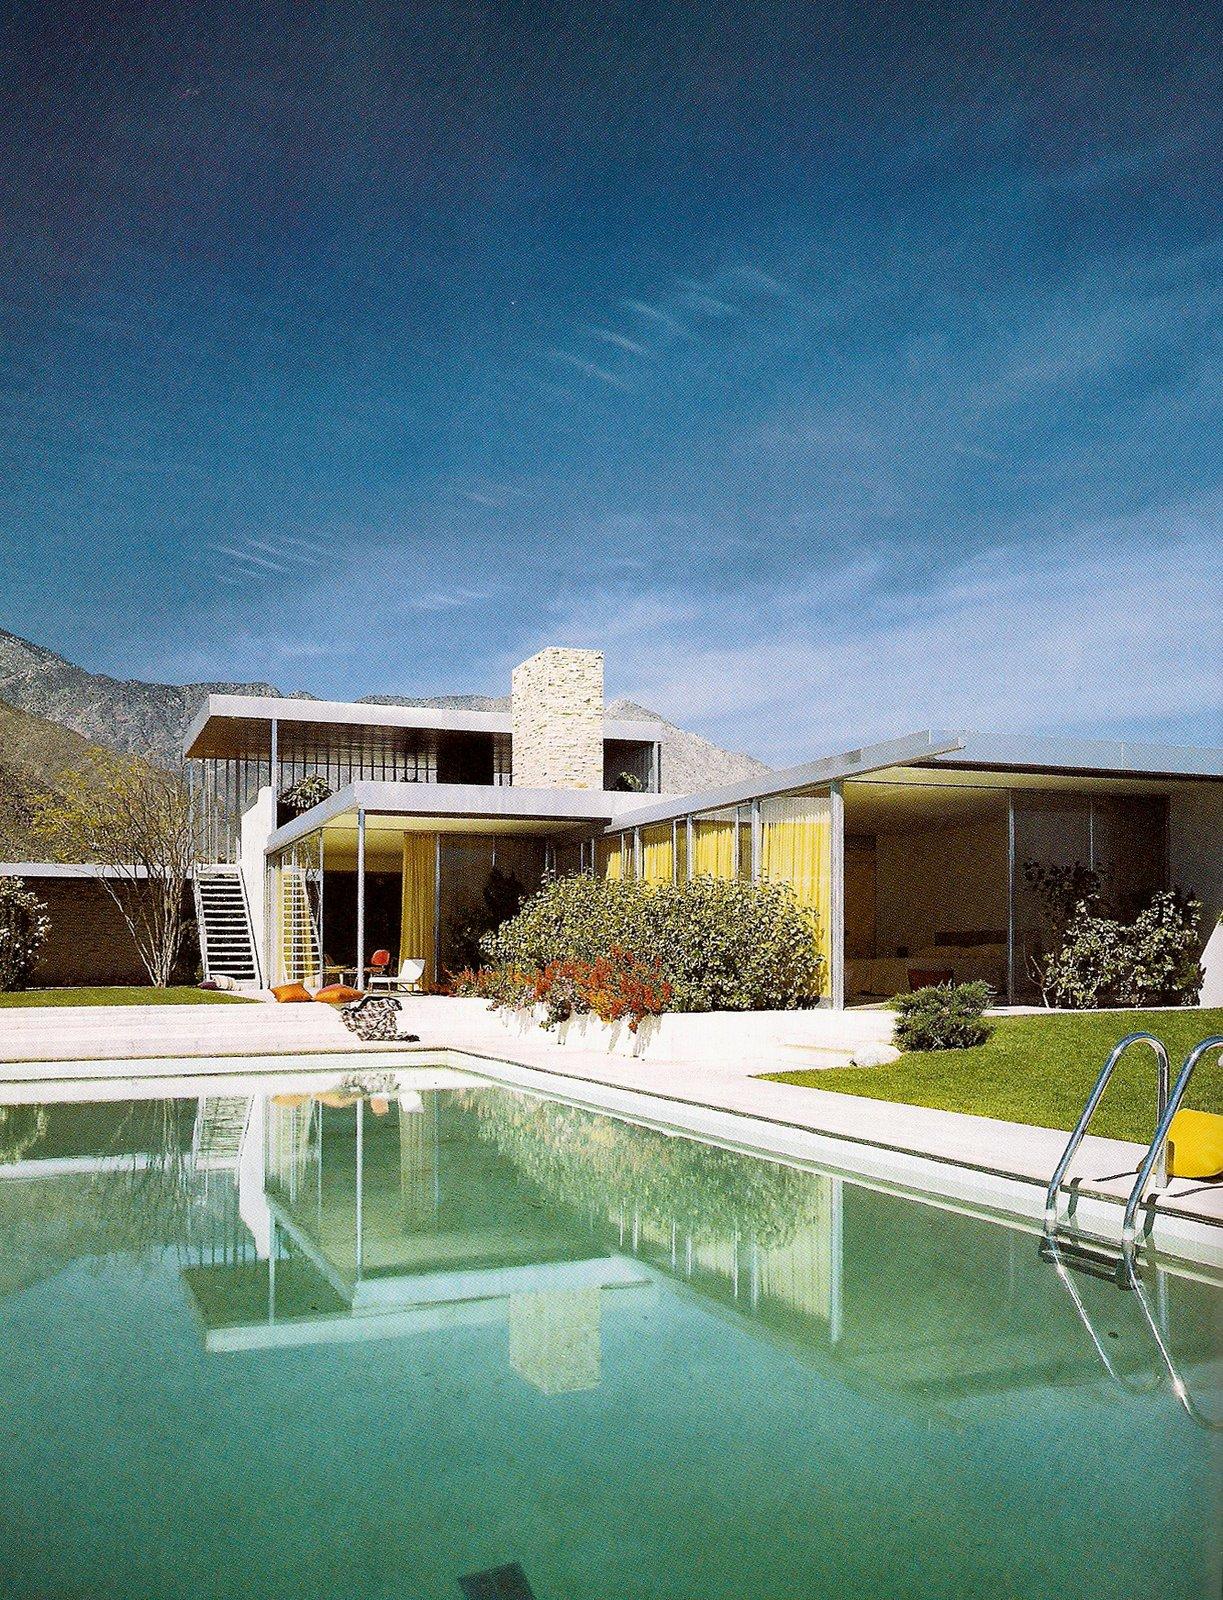 CaViCa Proyectos de Arquitectura Casa Kaufman 194647 Palm SpringsCalifornia